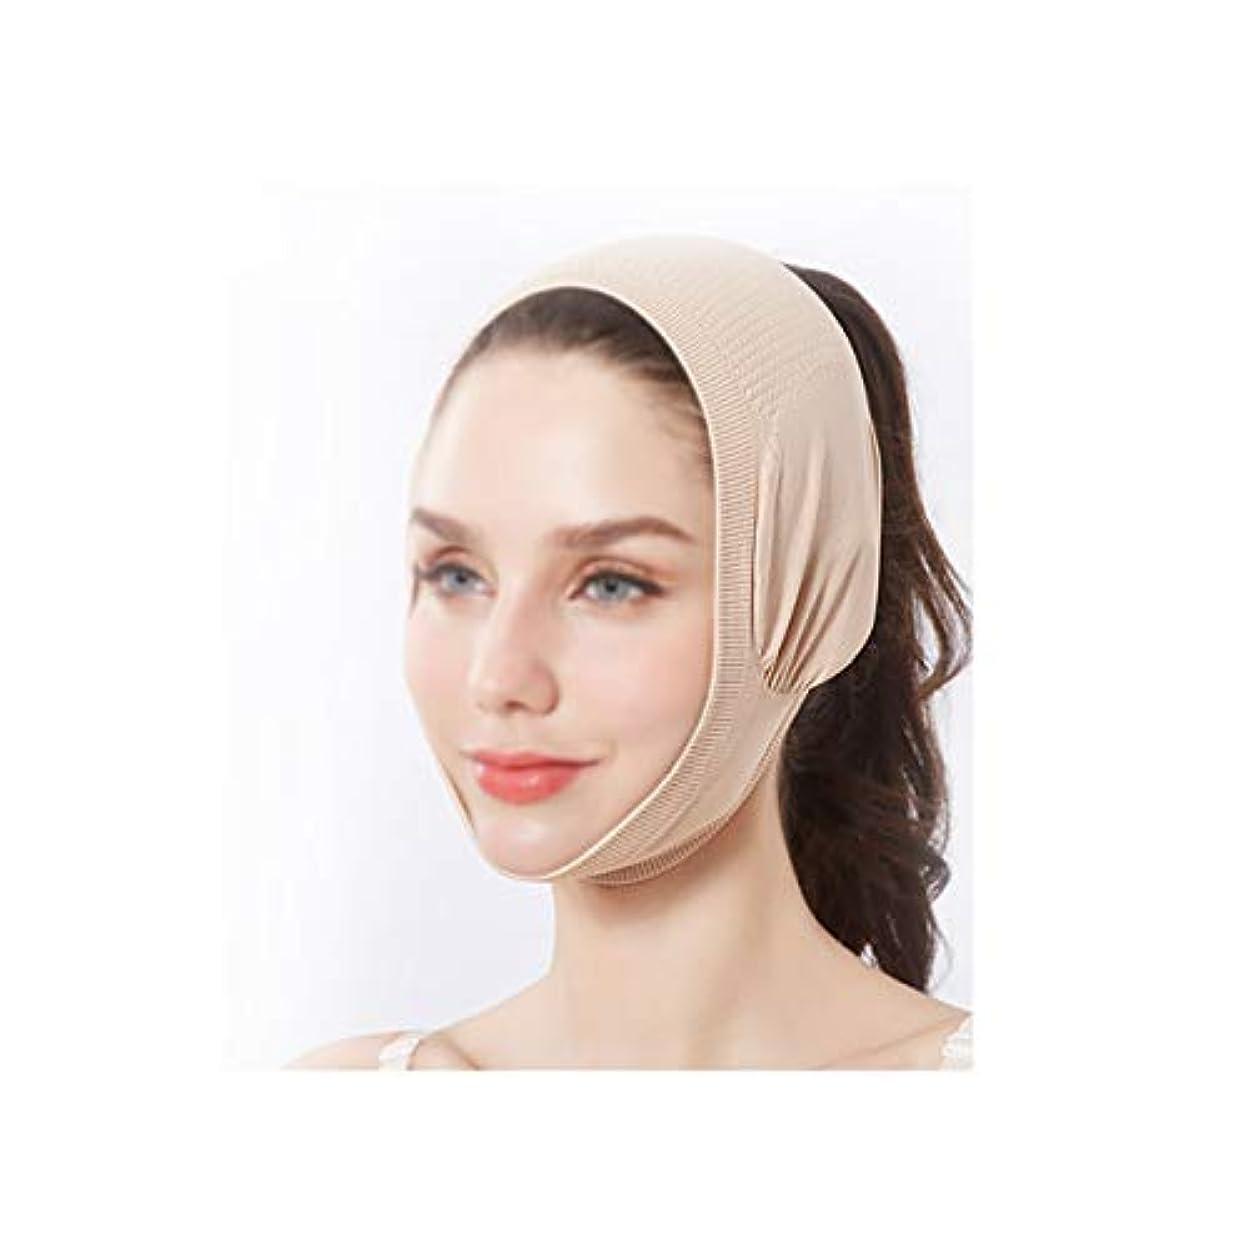 ムスタチオ財団飾るTLMY フェイスリフトマスクマスクエクステンション強度フェースレス包帯フェイシャルラージVライン彫刻フェイシャルバックカバーネックバンド 顔用整形マスク (Color : Skin tone)